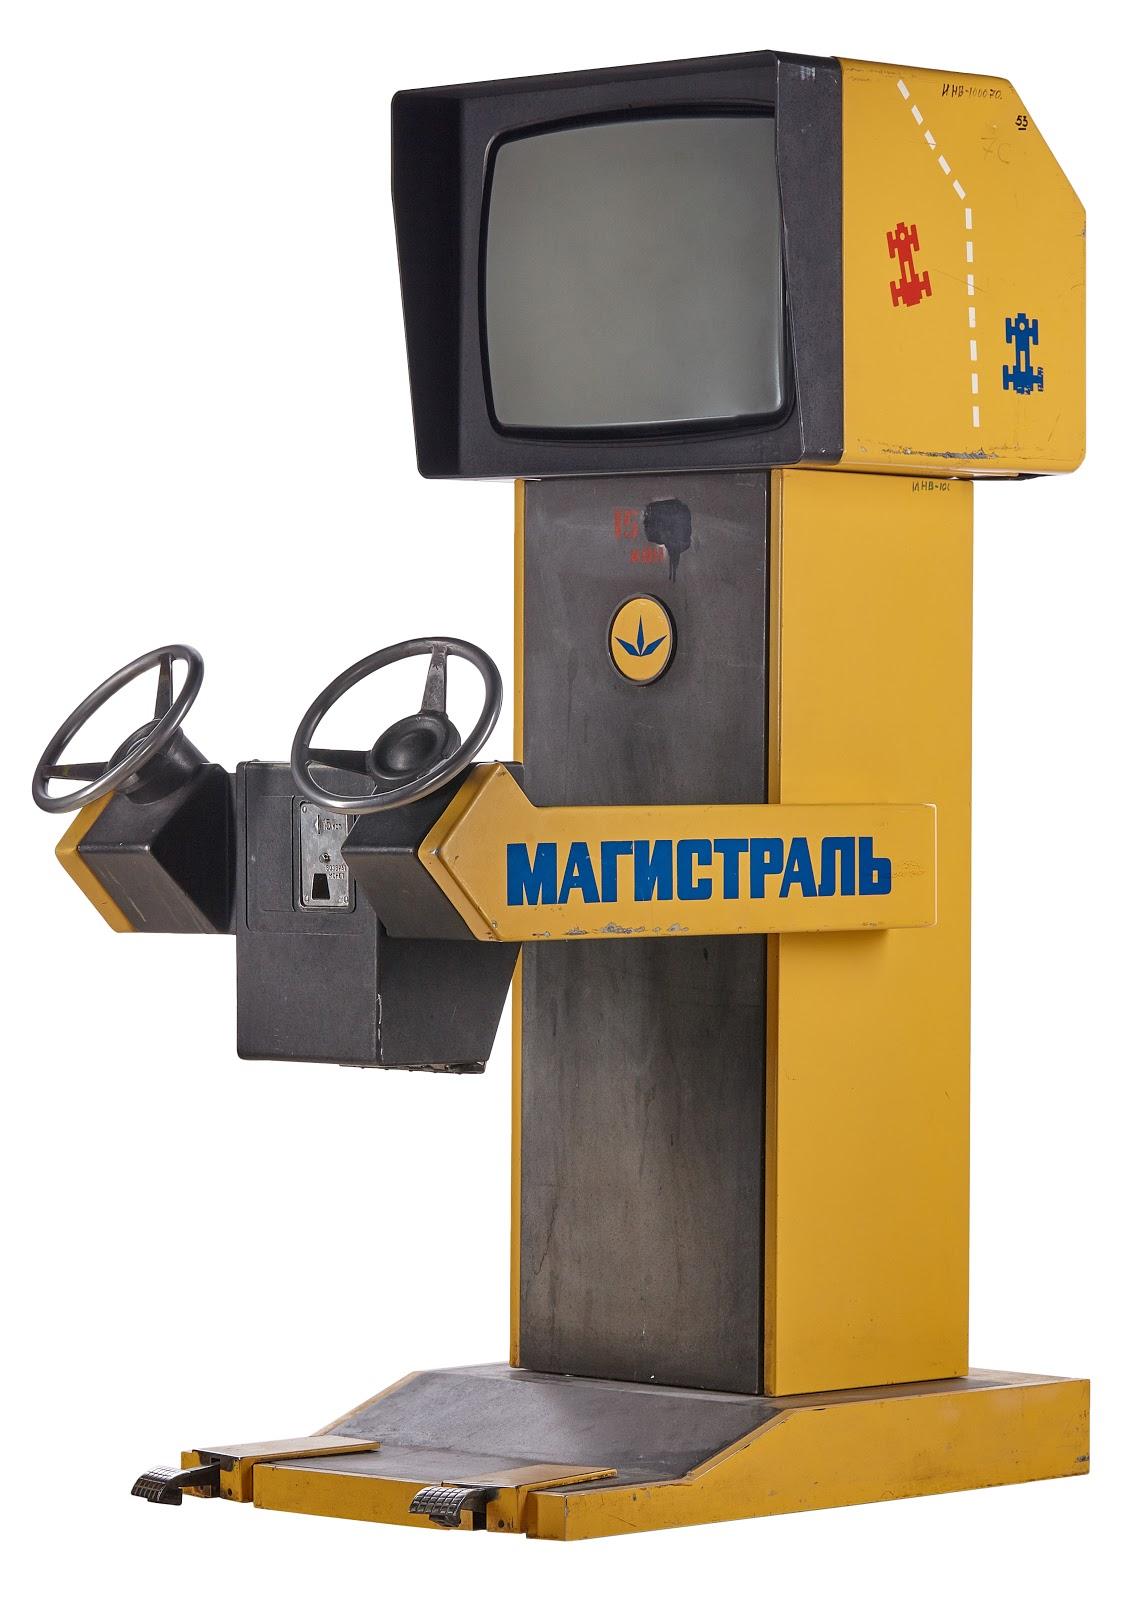 Игровые автоматы: откуда они взялись в СССР и как устроены - 11